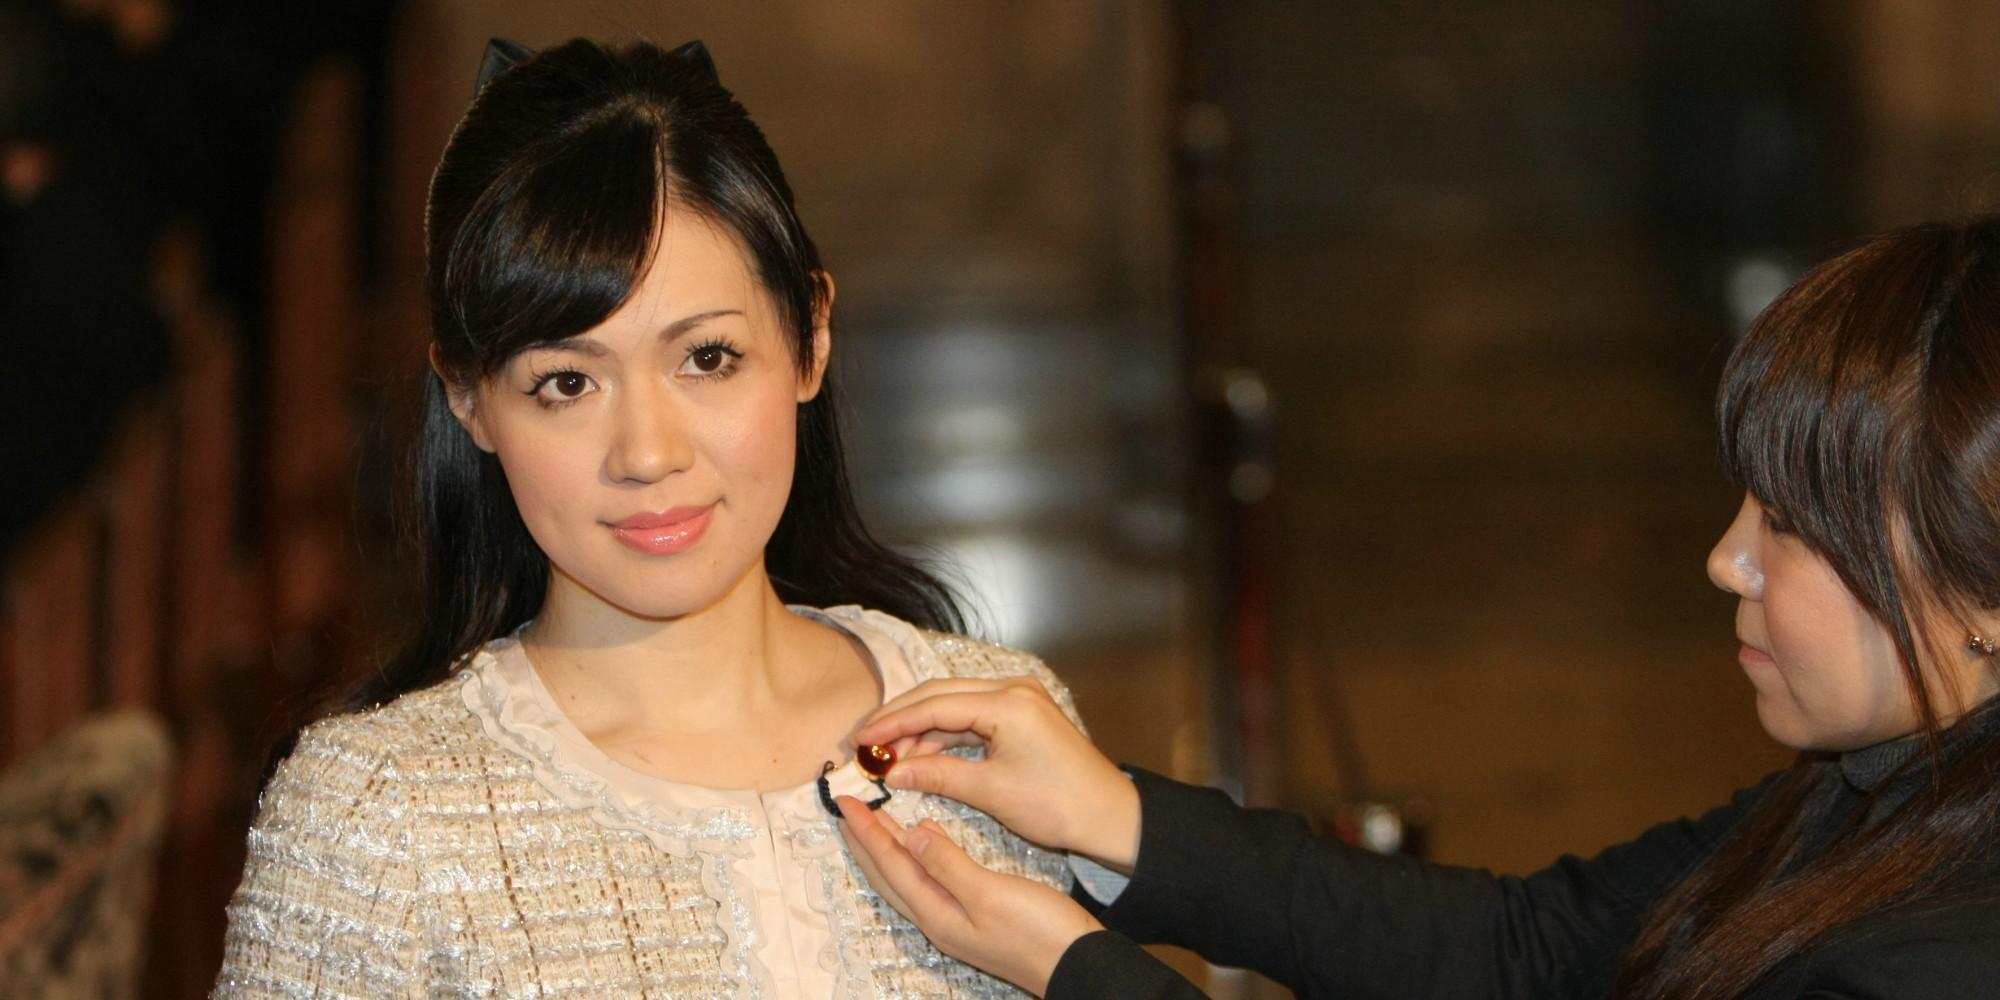 小渕優子 アイコラ 石見銀蔵: 2014年11月